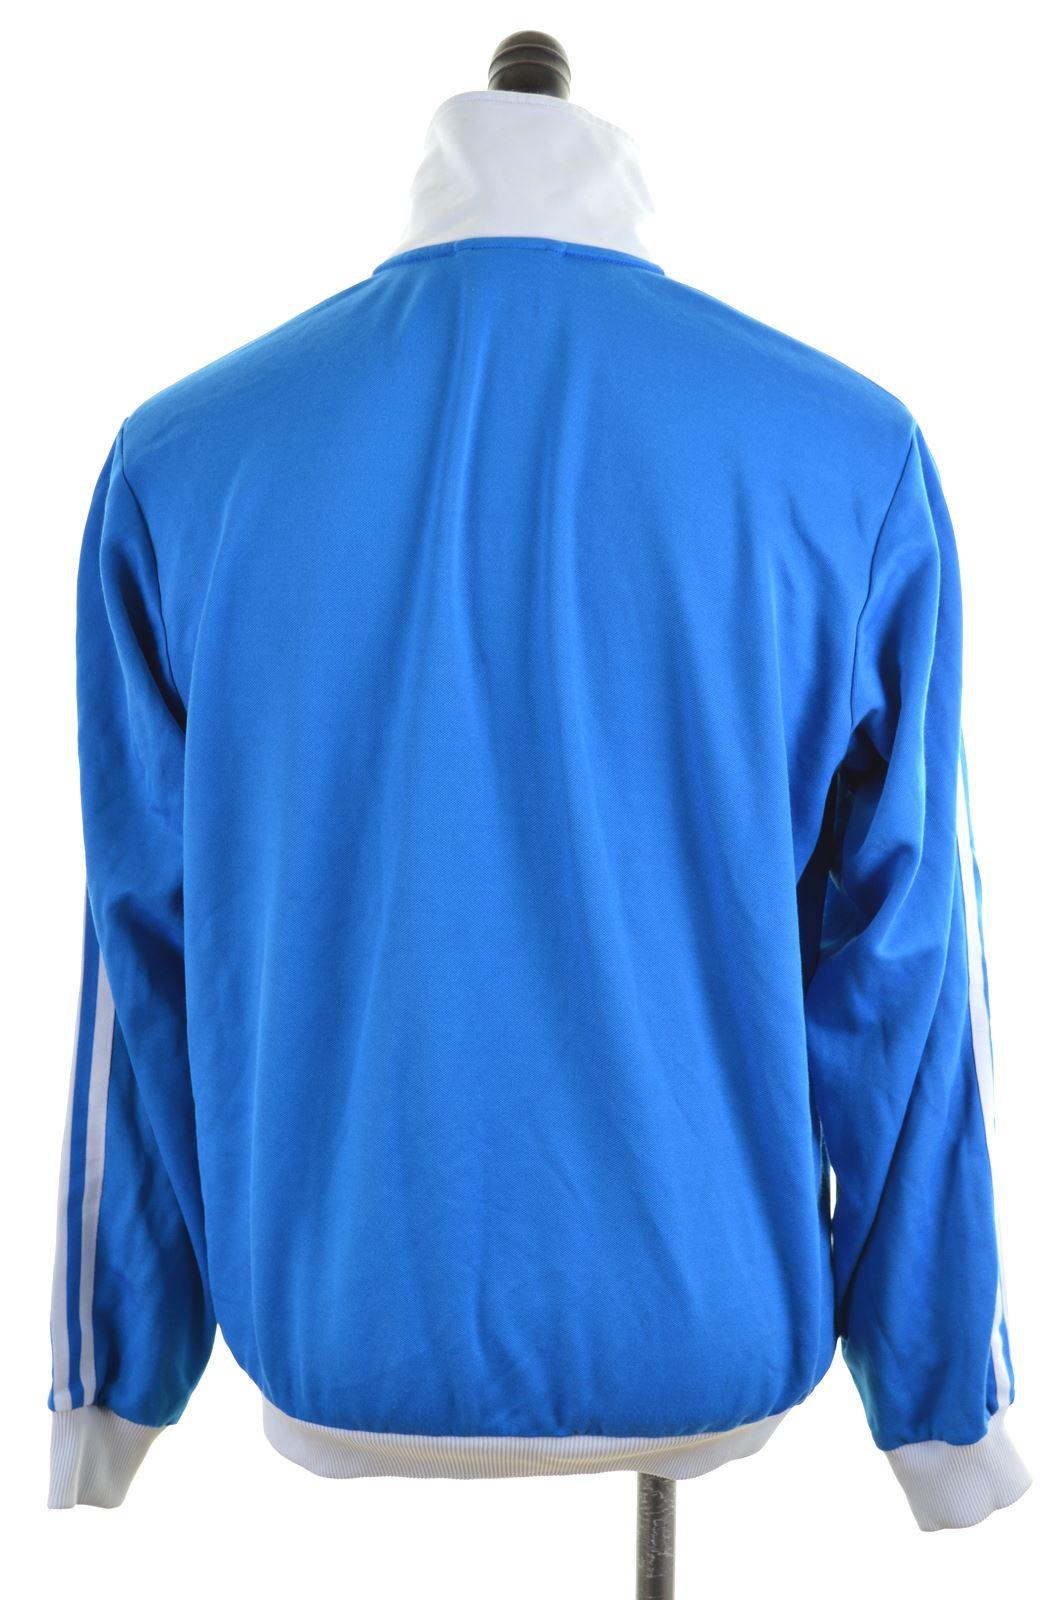 Bleu Grand Vintage Survêtement Coton Il19 Adidas Veste Hommes hCQtsrd